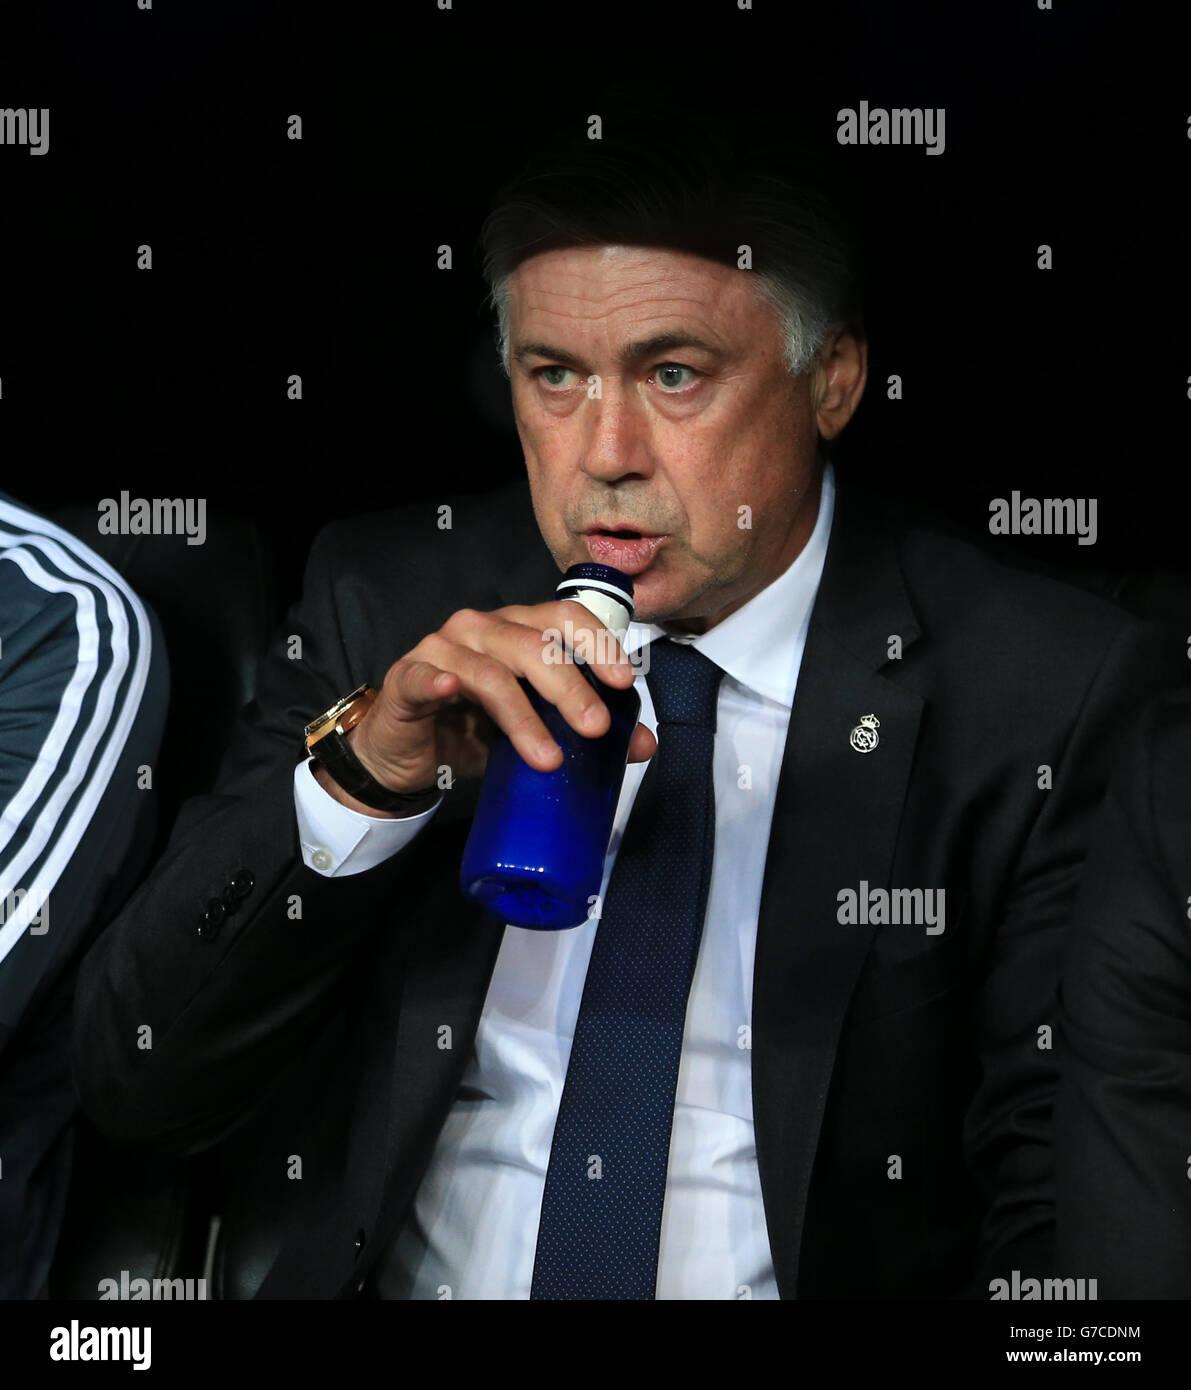 Tottenham Vs Ajax Head To Head Statistics: Champions Leauge Stock Photos & Champions Leauge Stock